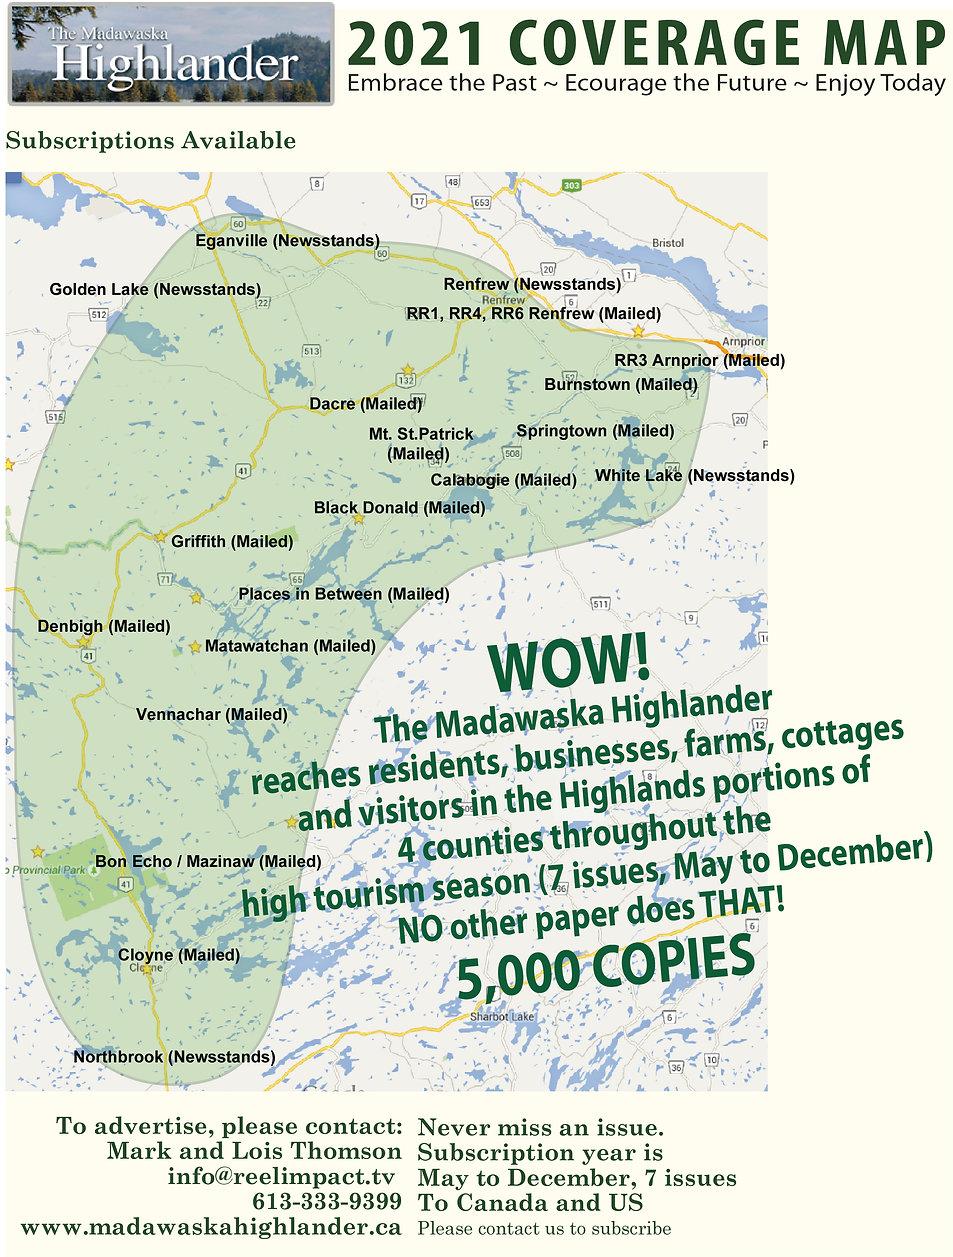 2021 Madawaska Highlander Coverage Map.j